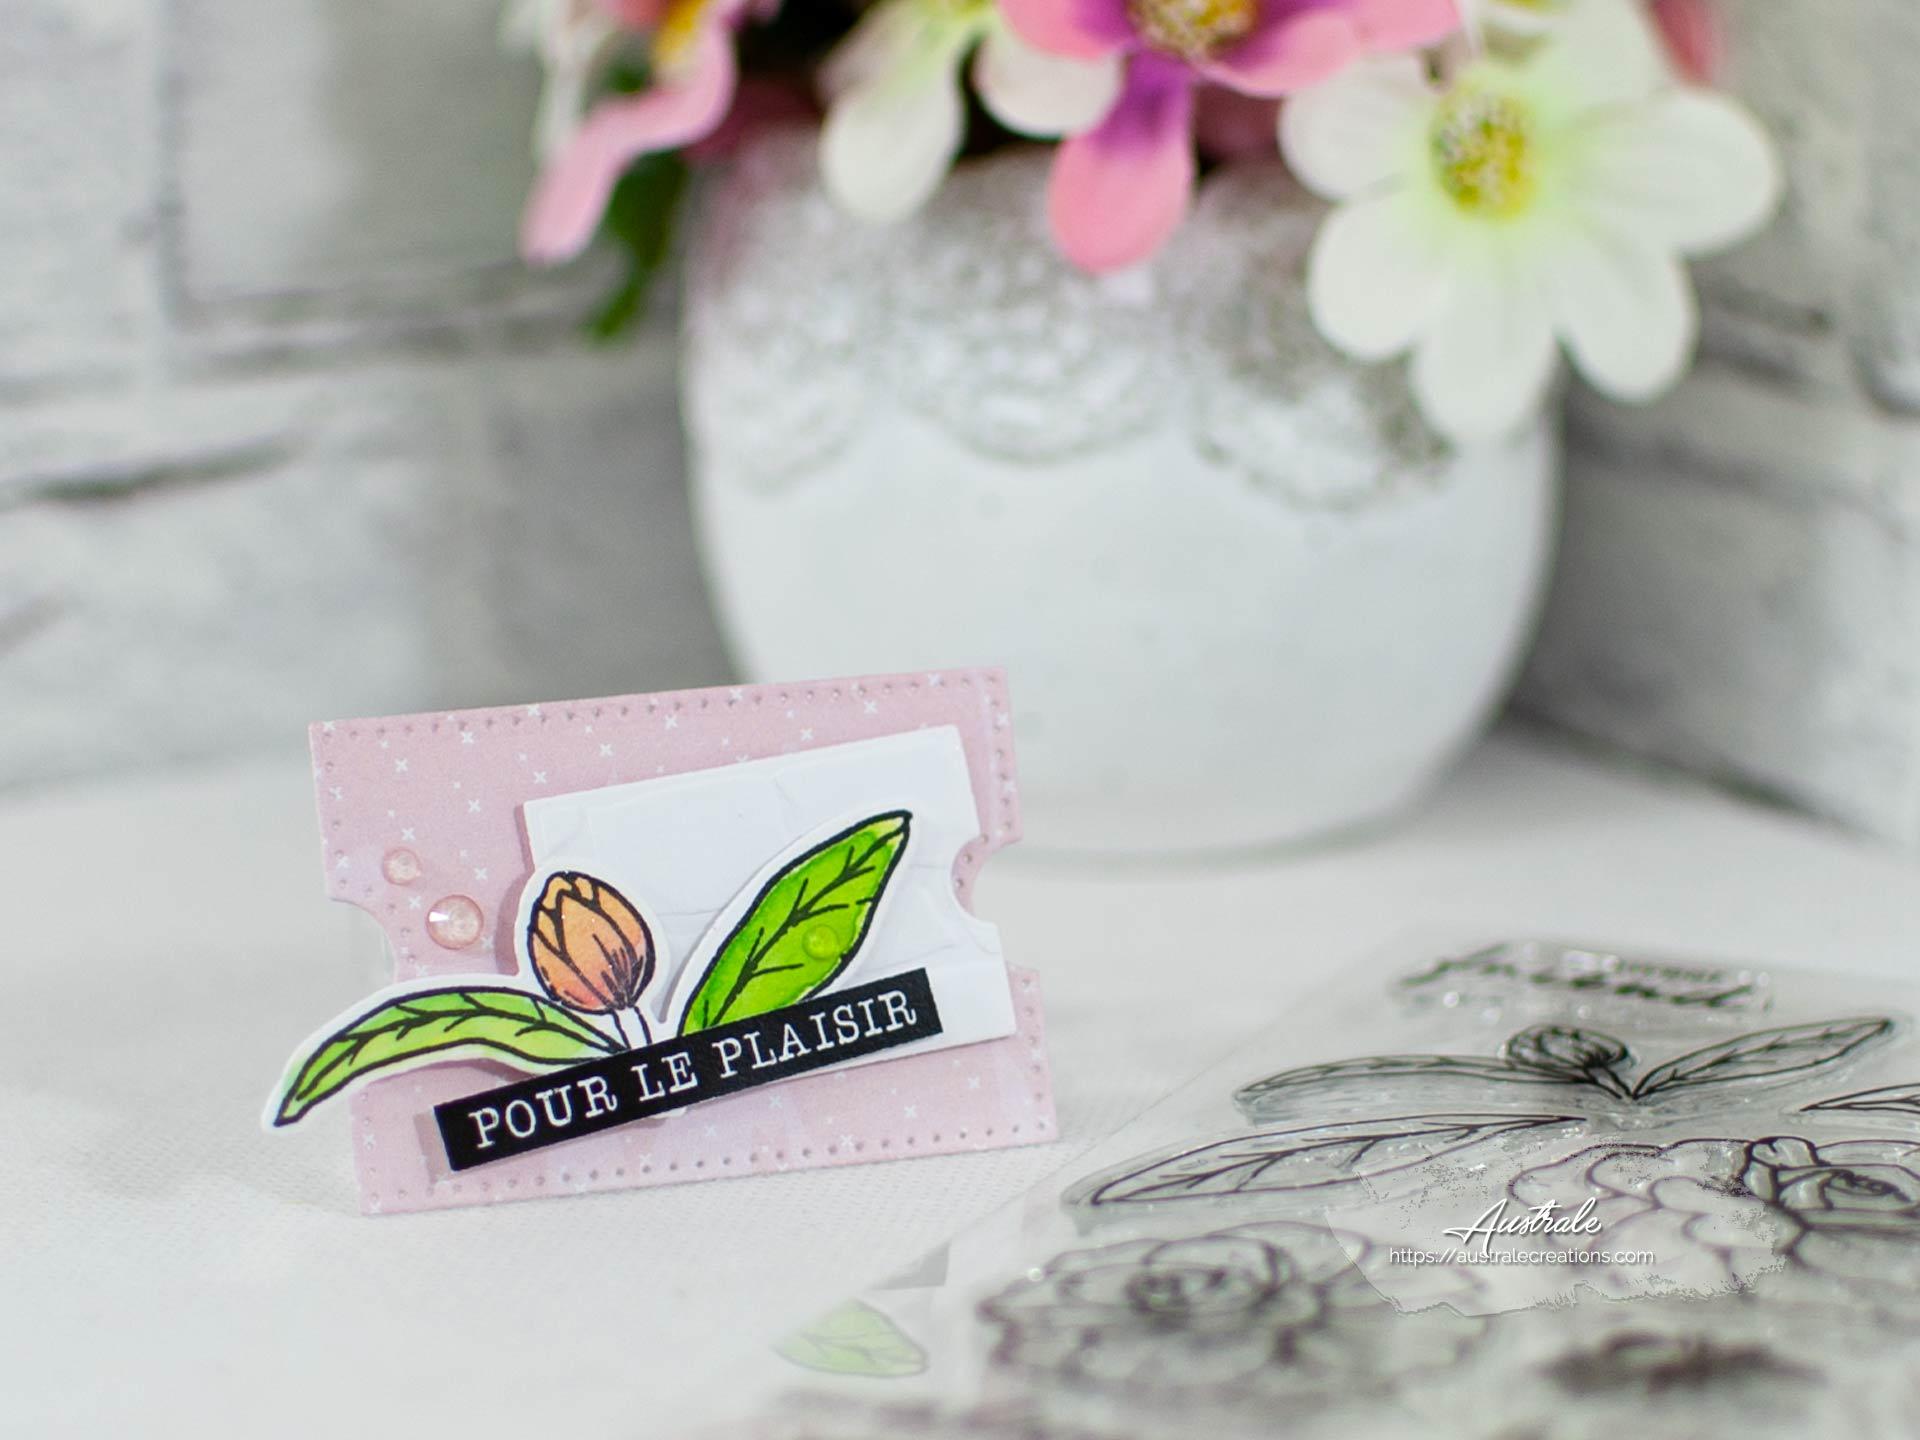 Création d'une étiquette cadeau pour anniversaire. Elle est décorée de fleurs et feuillages mis en couleurs à l'aquarelle dans un combo en rose, blanc et vert.